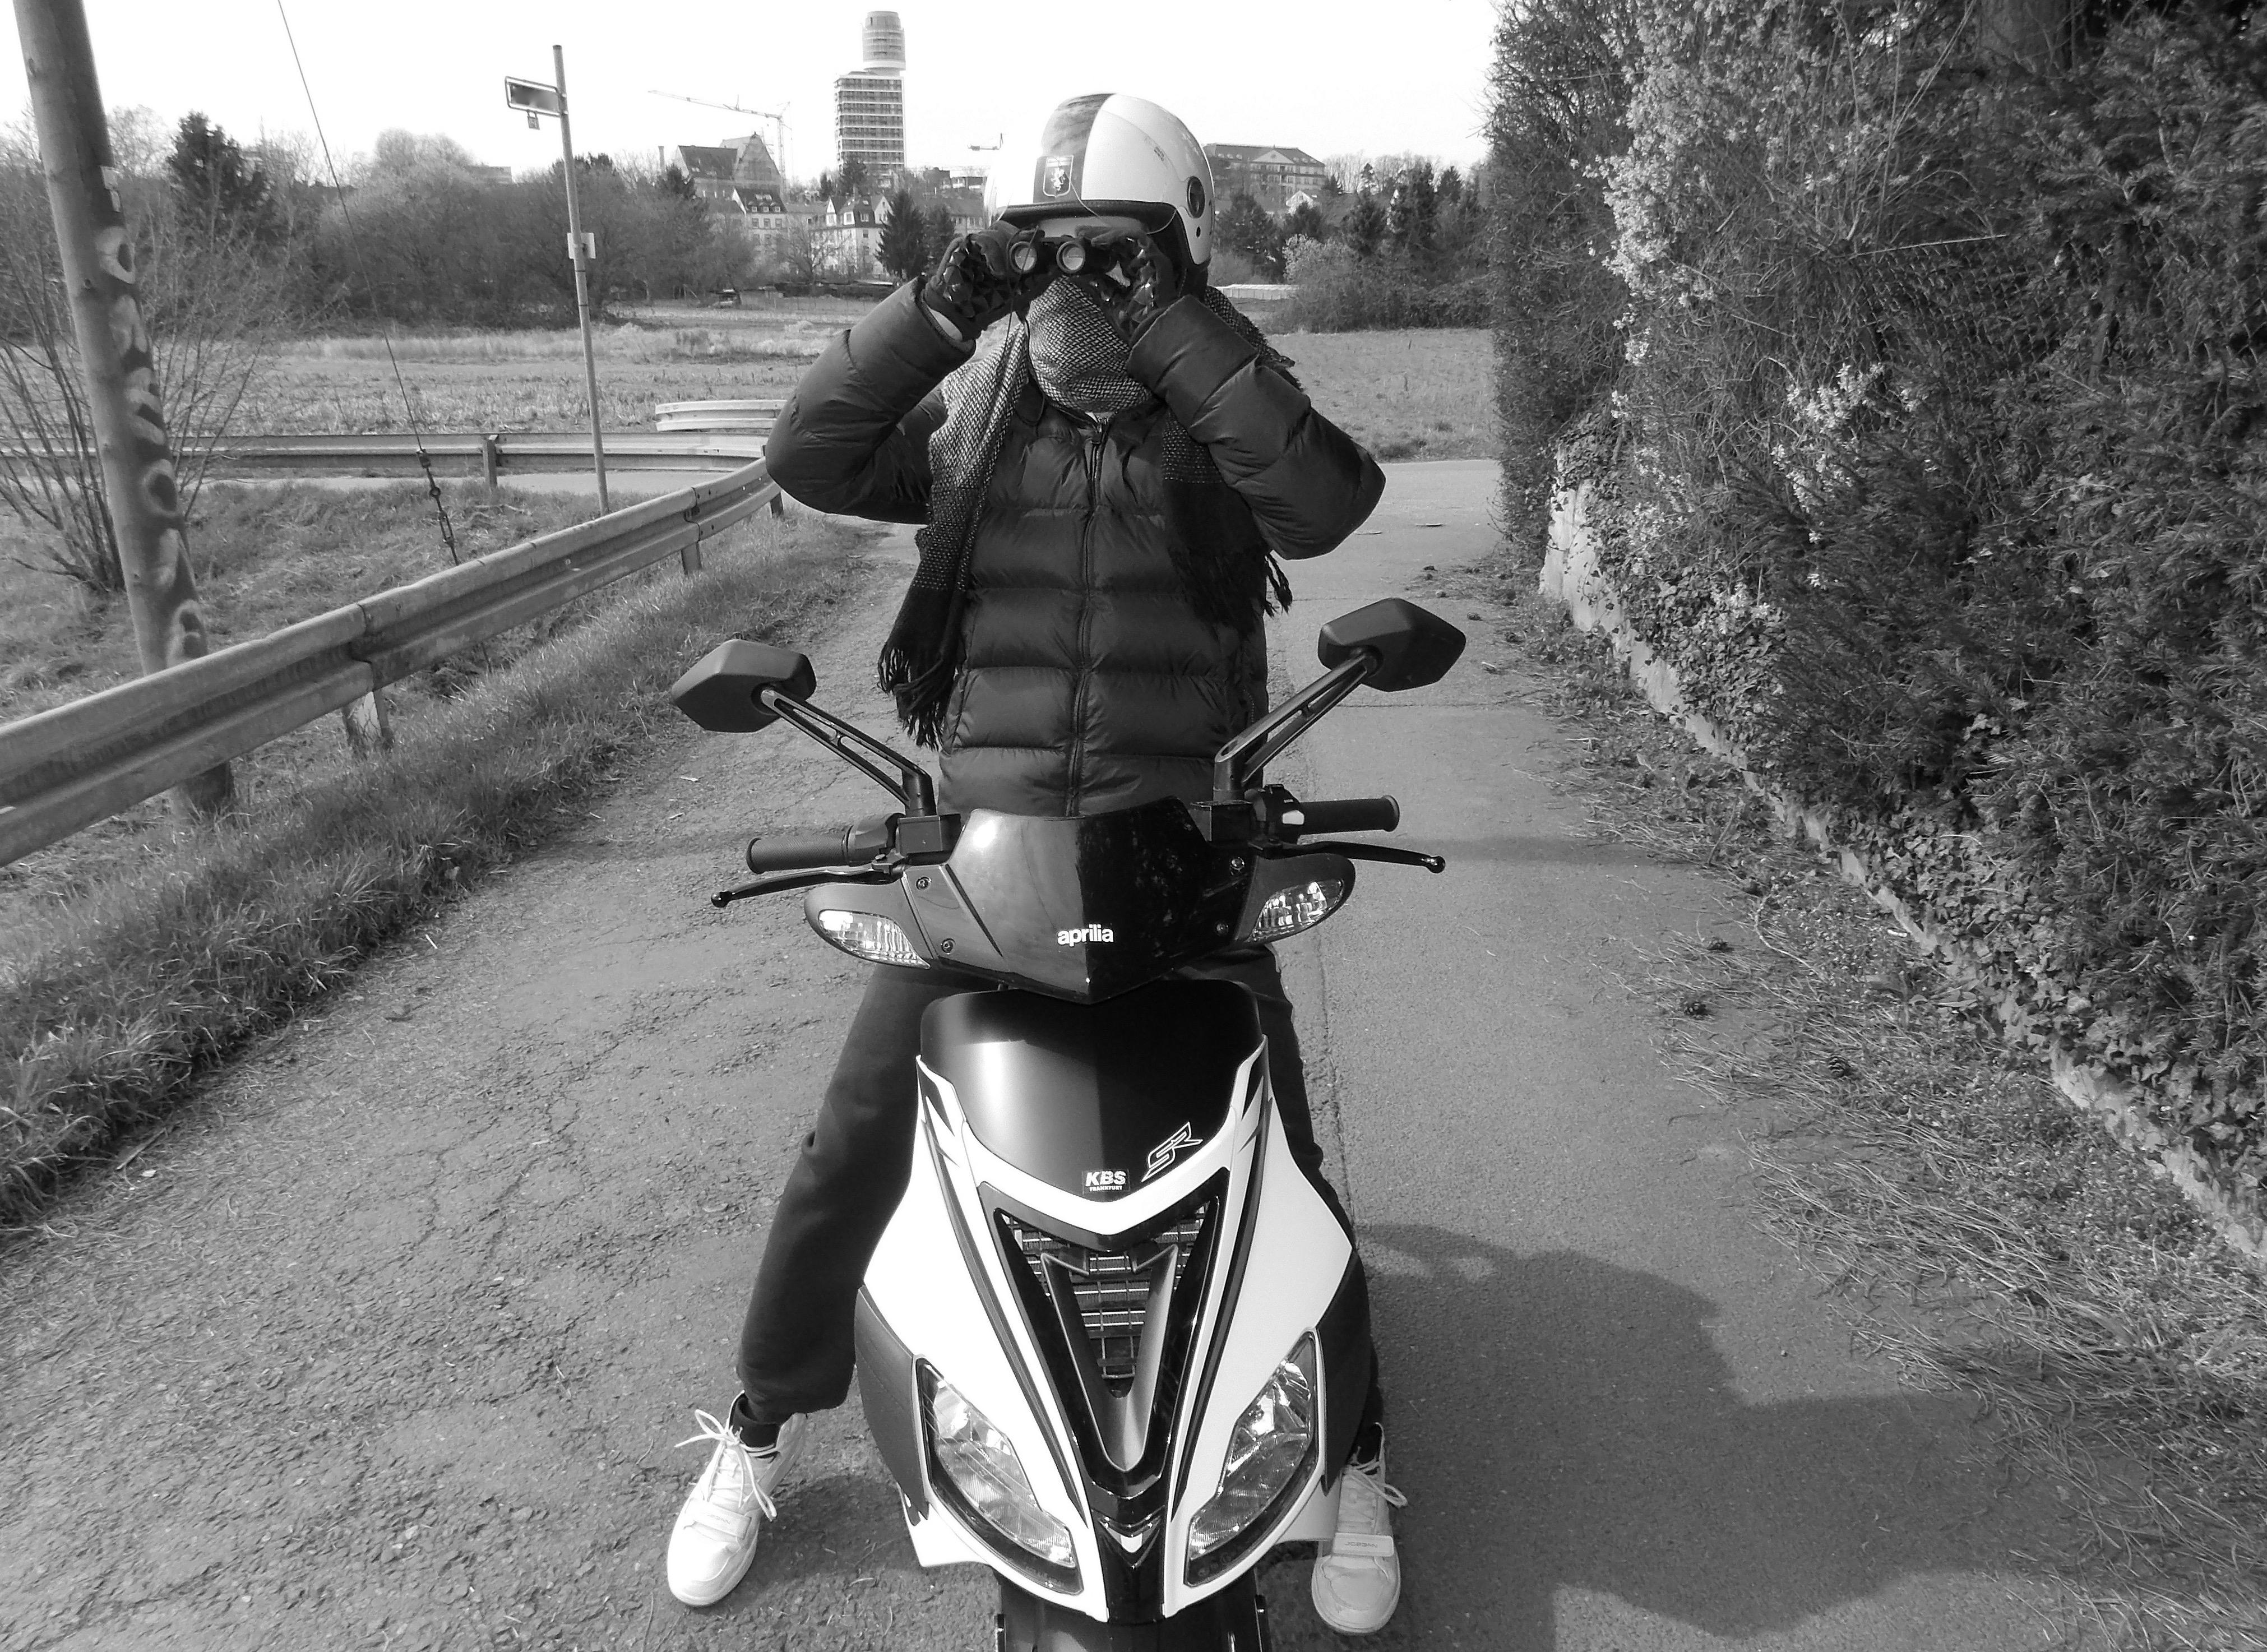 Motorrad-Detektiv beobachtet bei Observationsauftrag